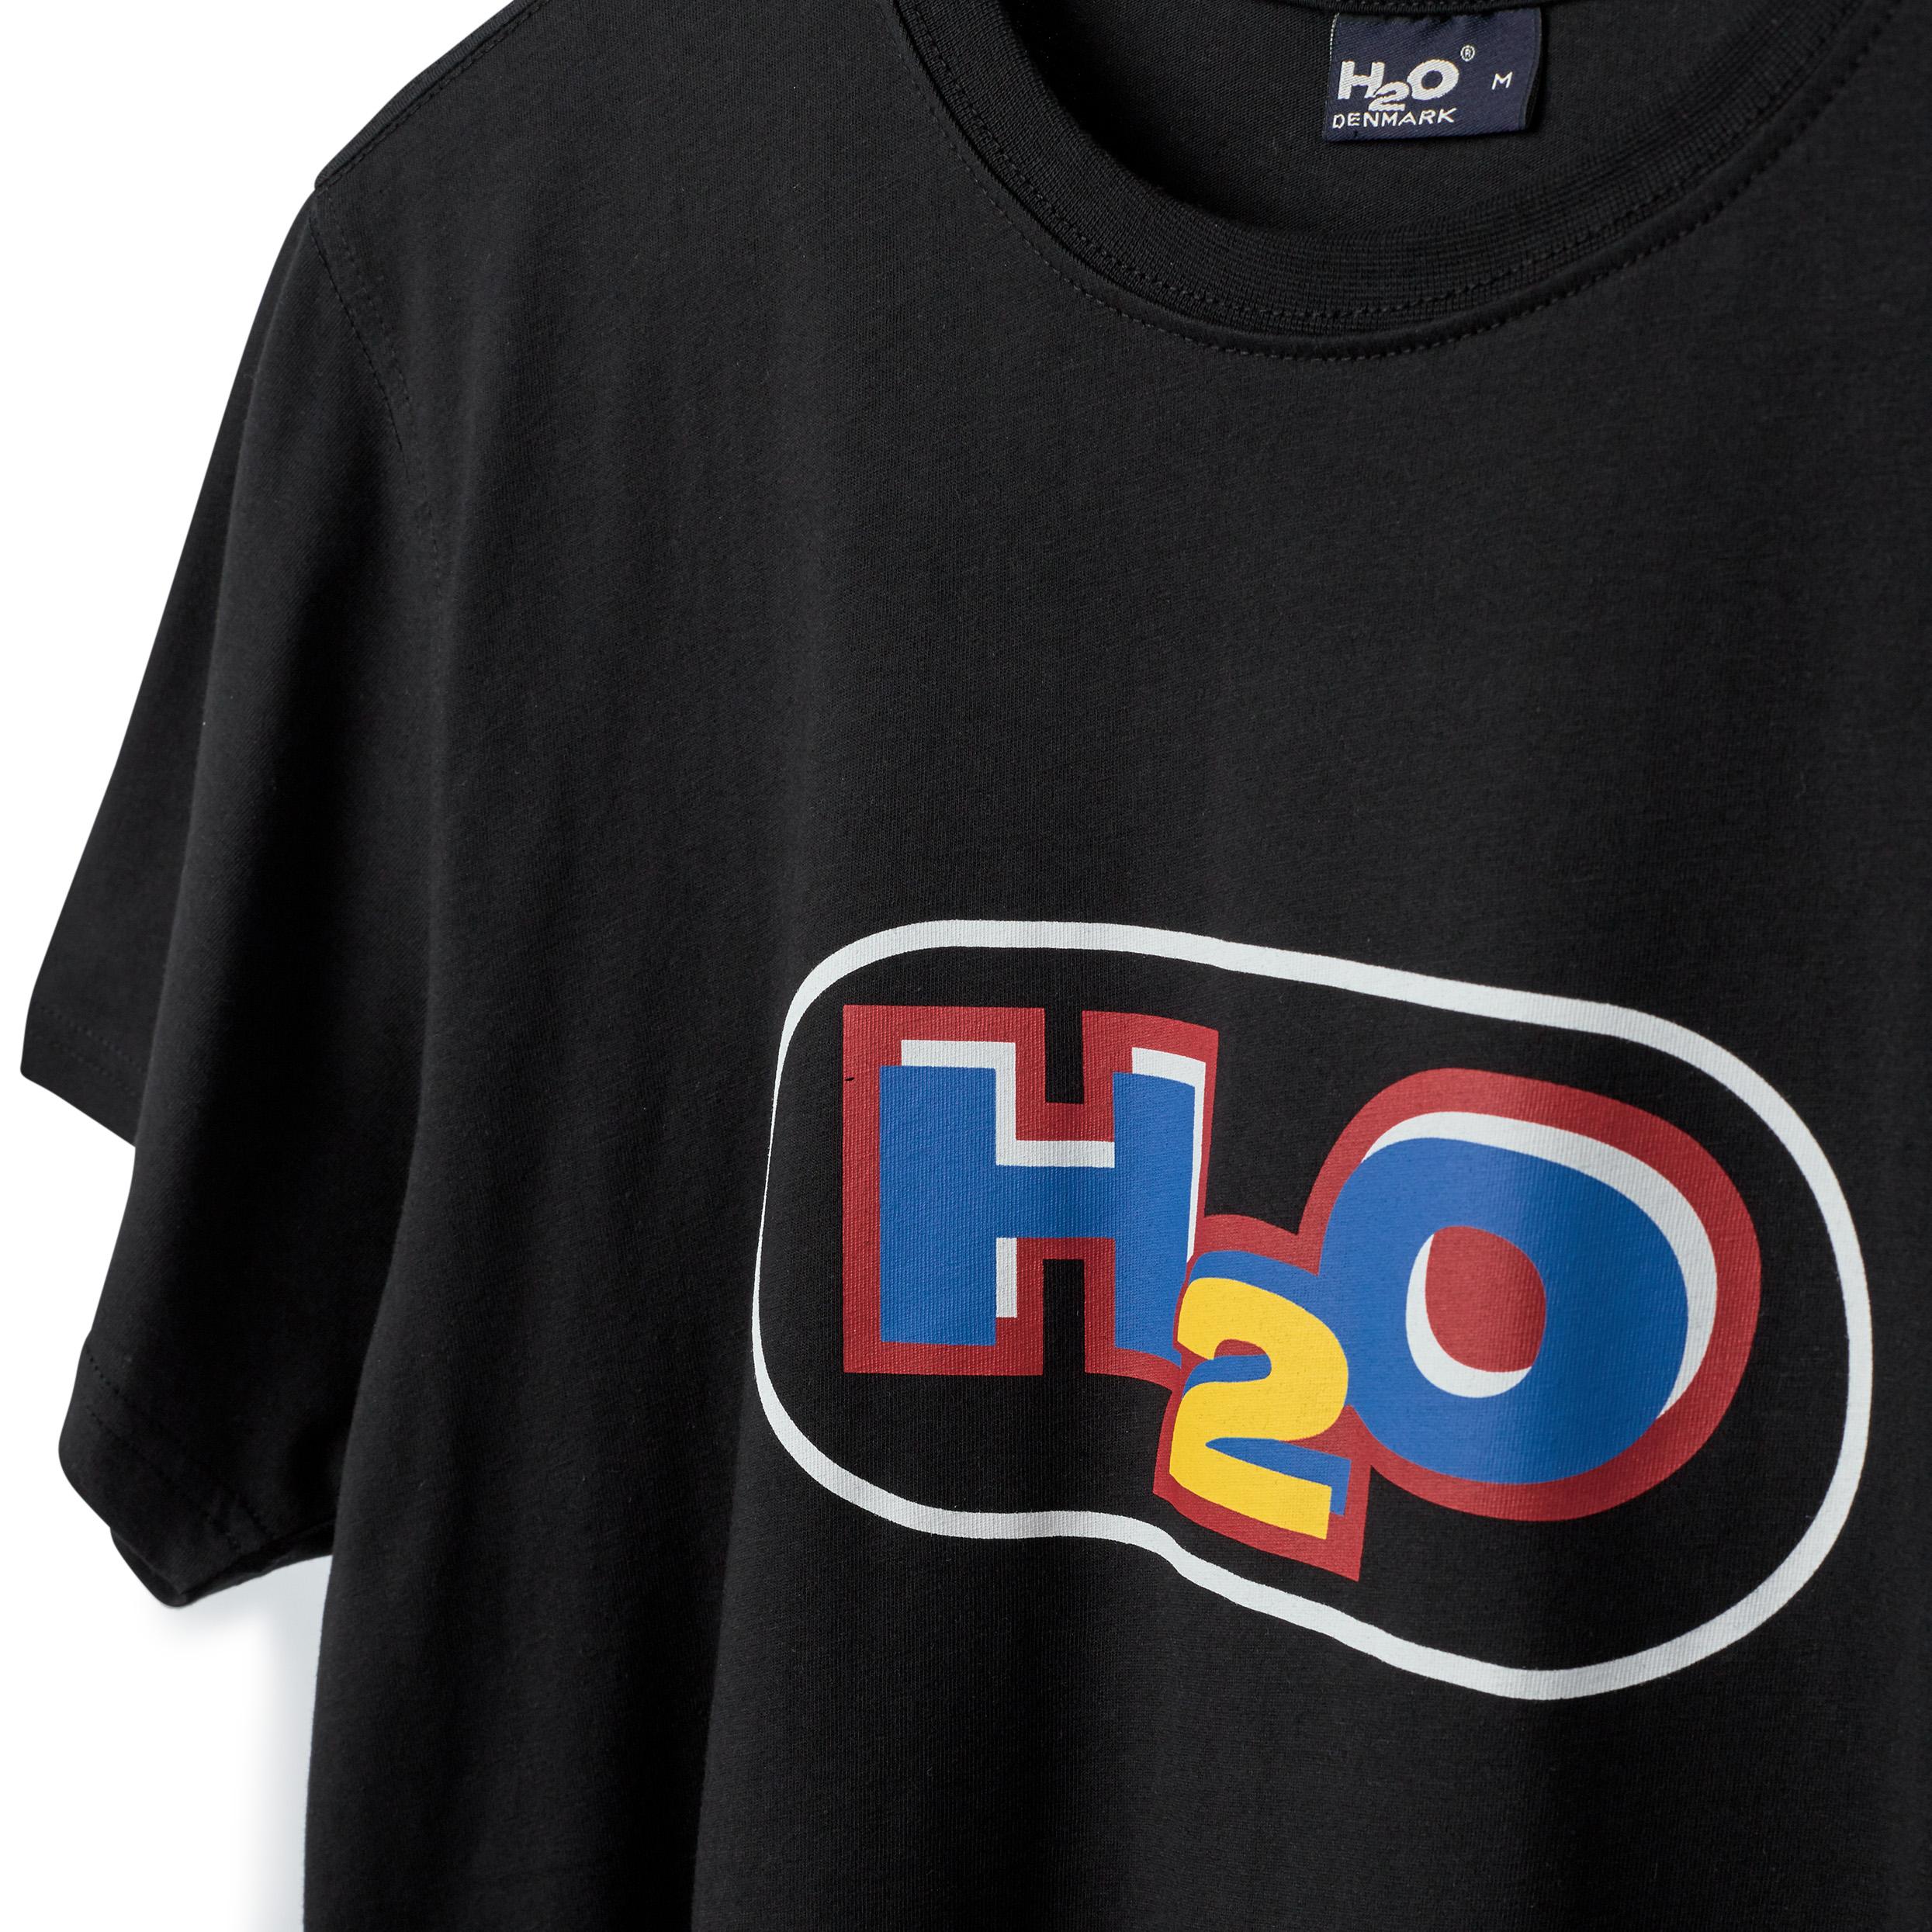 H2O Kilde t-shirt, black/white, medium